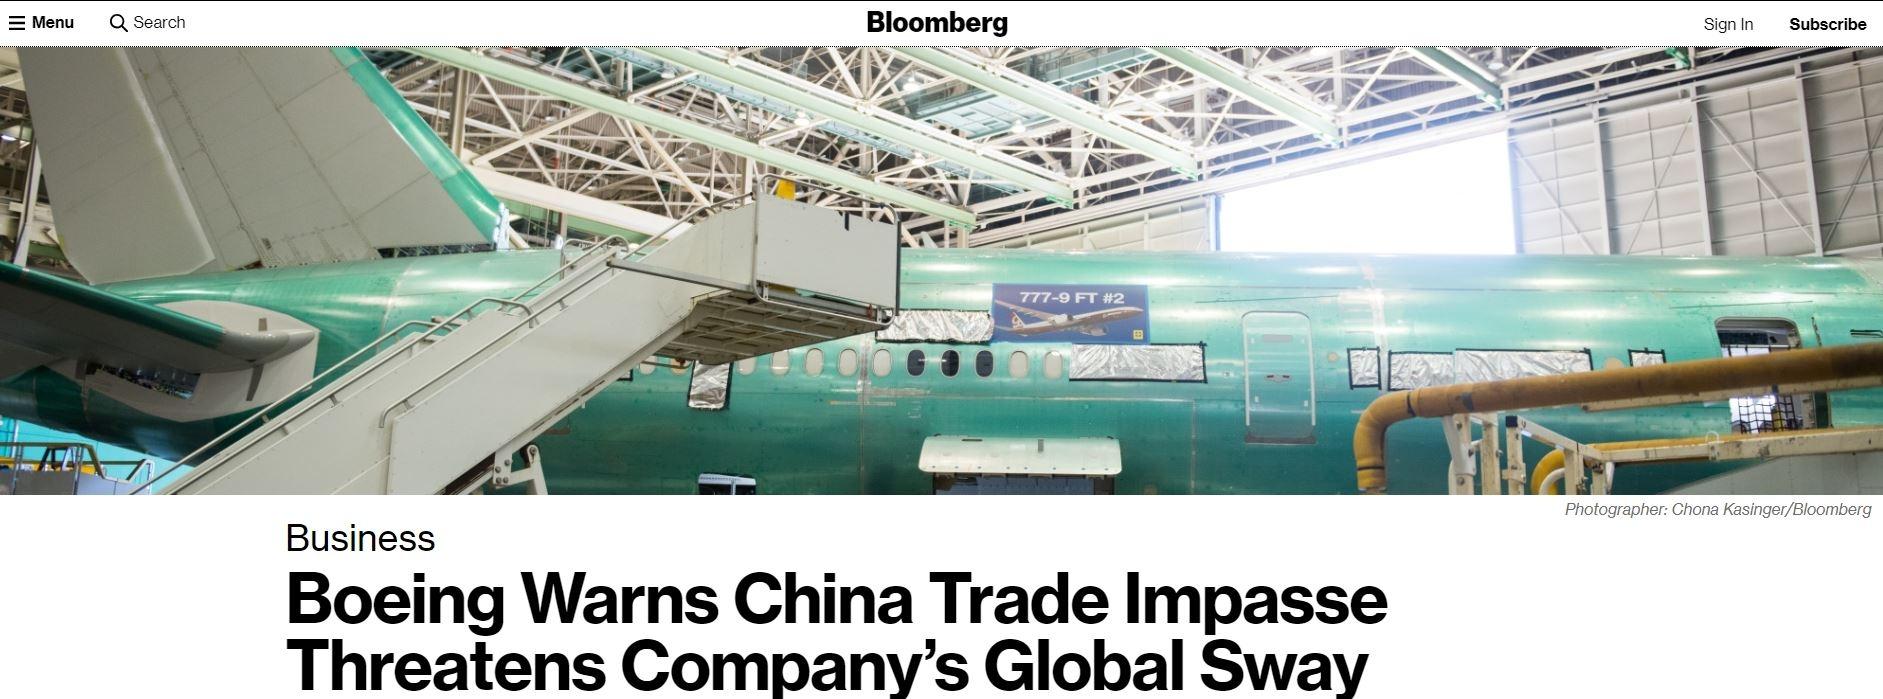 波音CEO:中美贸易僵局将威胁波音全球影响力